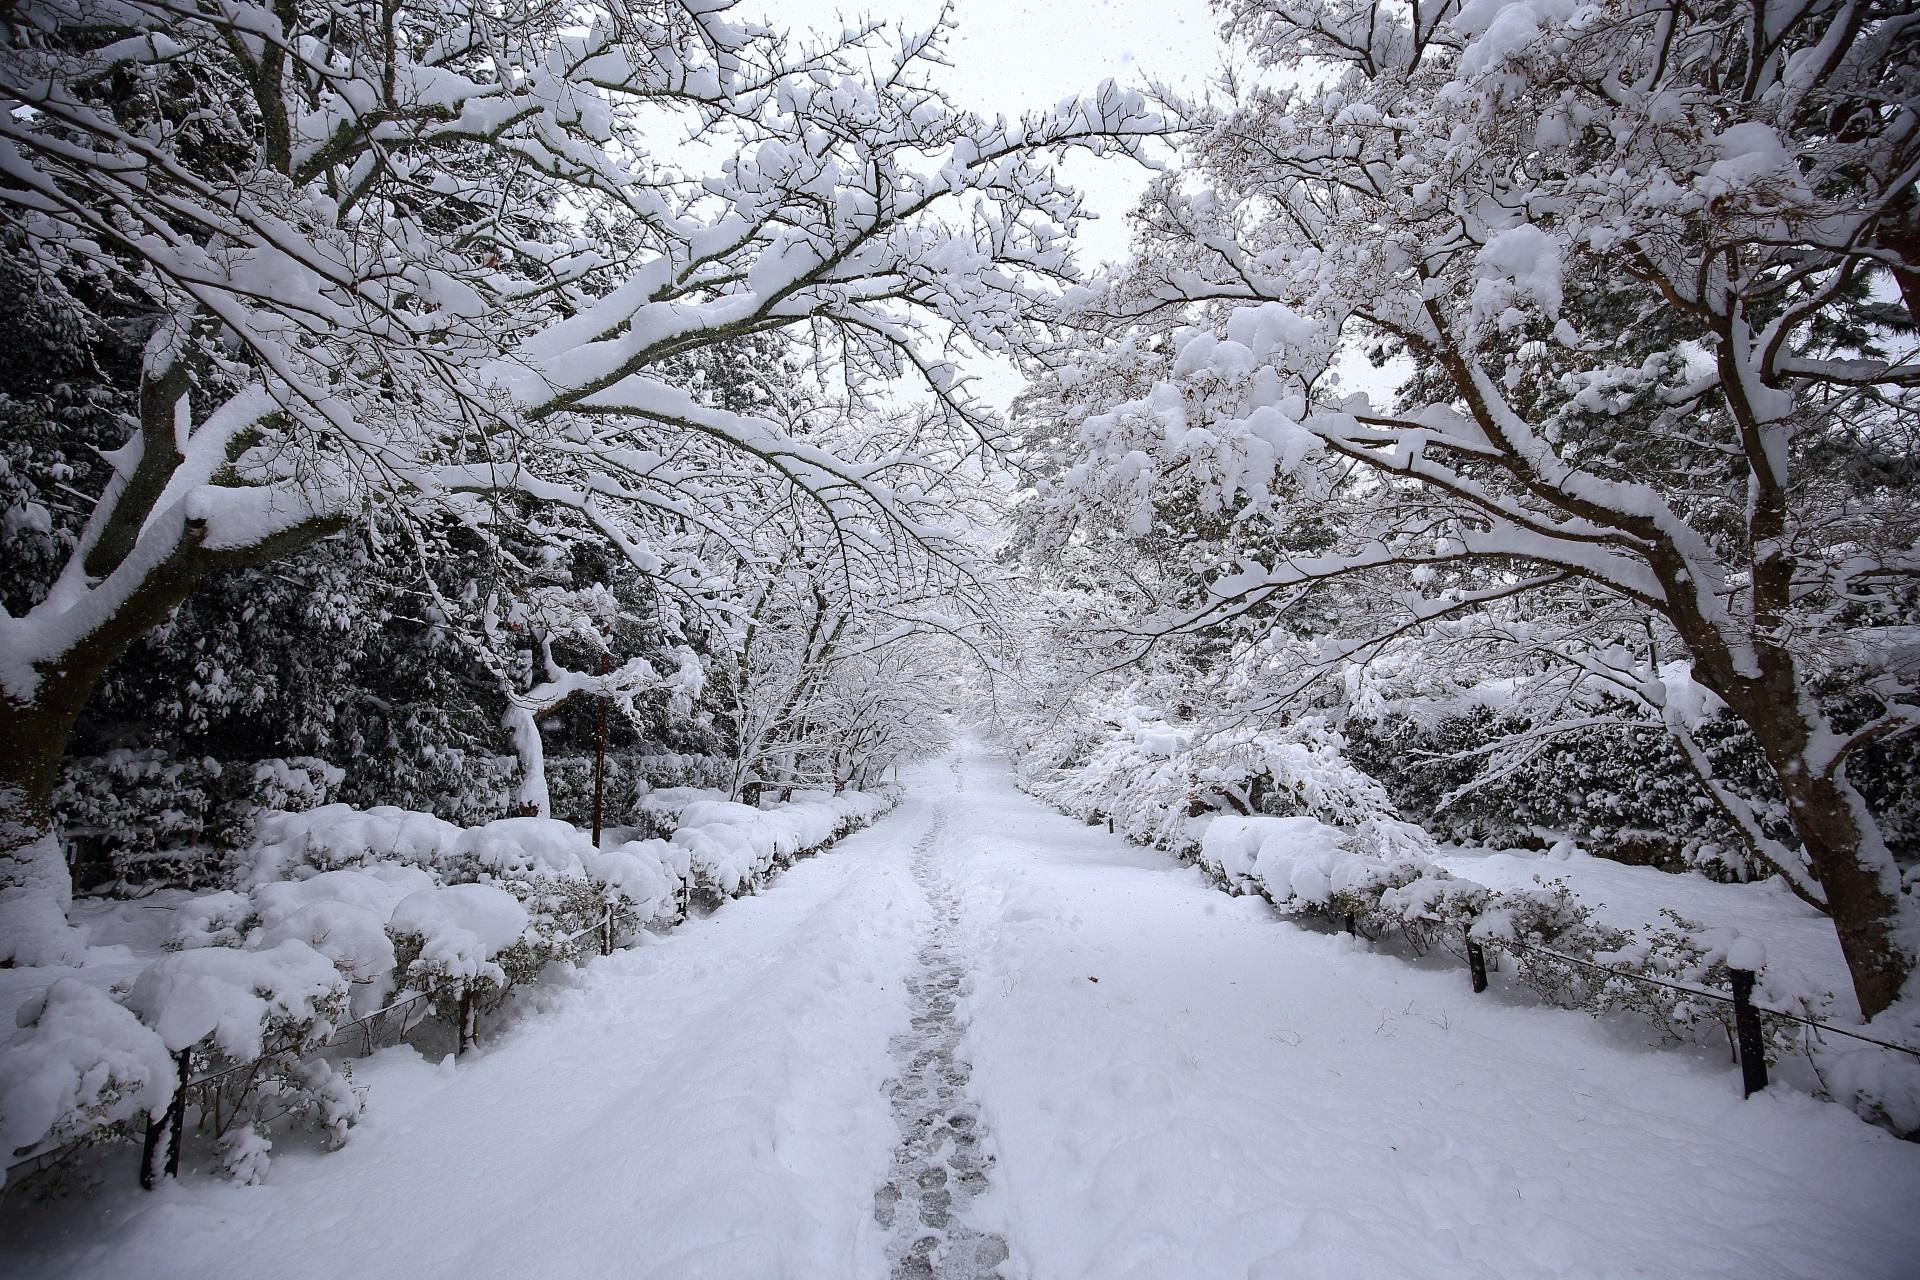 二尊院の紅葉の馬場の雪景色